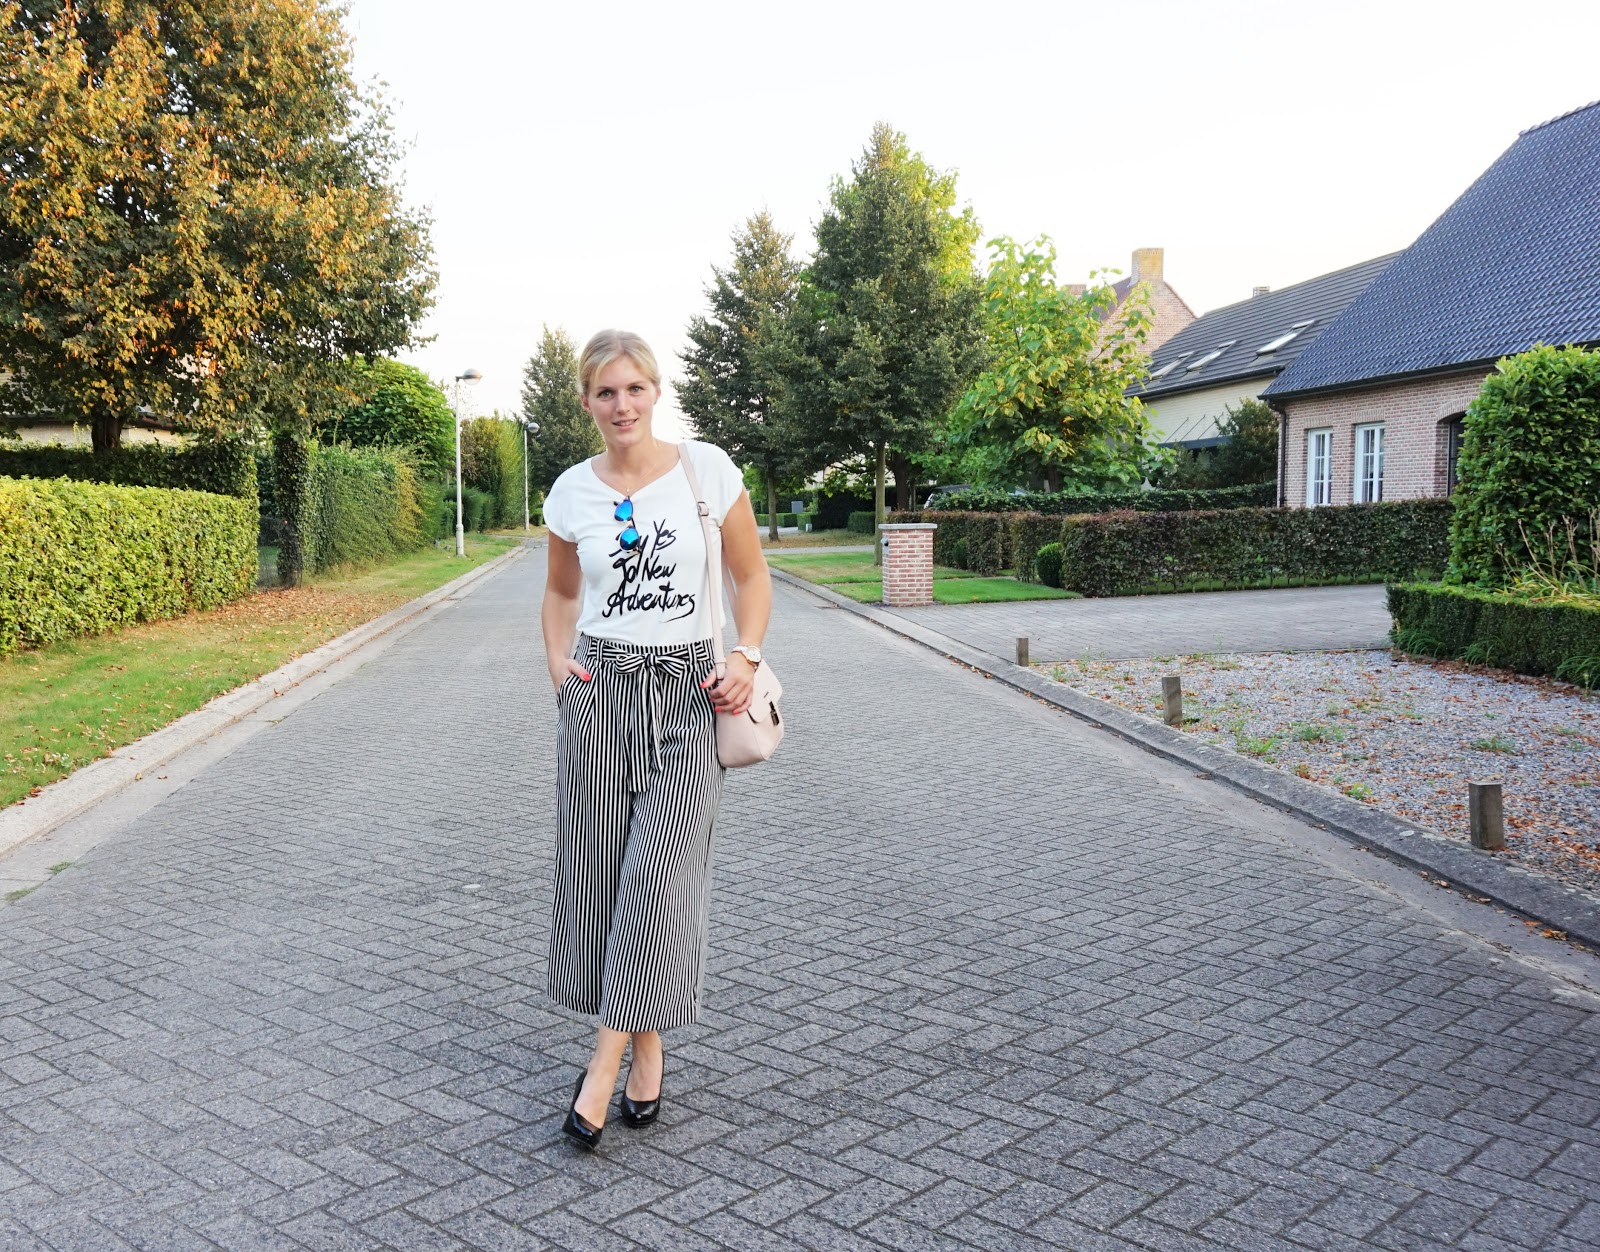 DSC08501 | Eline Van Dingenen